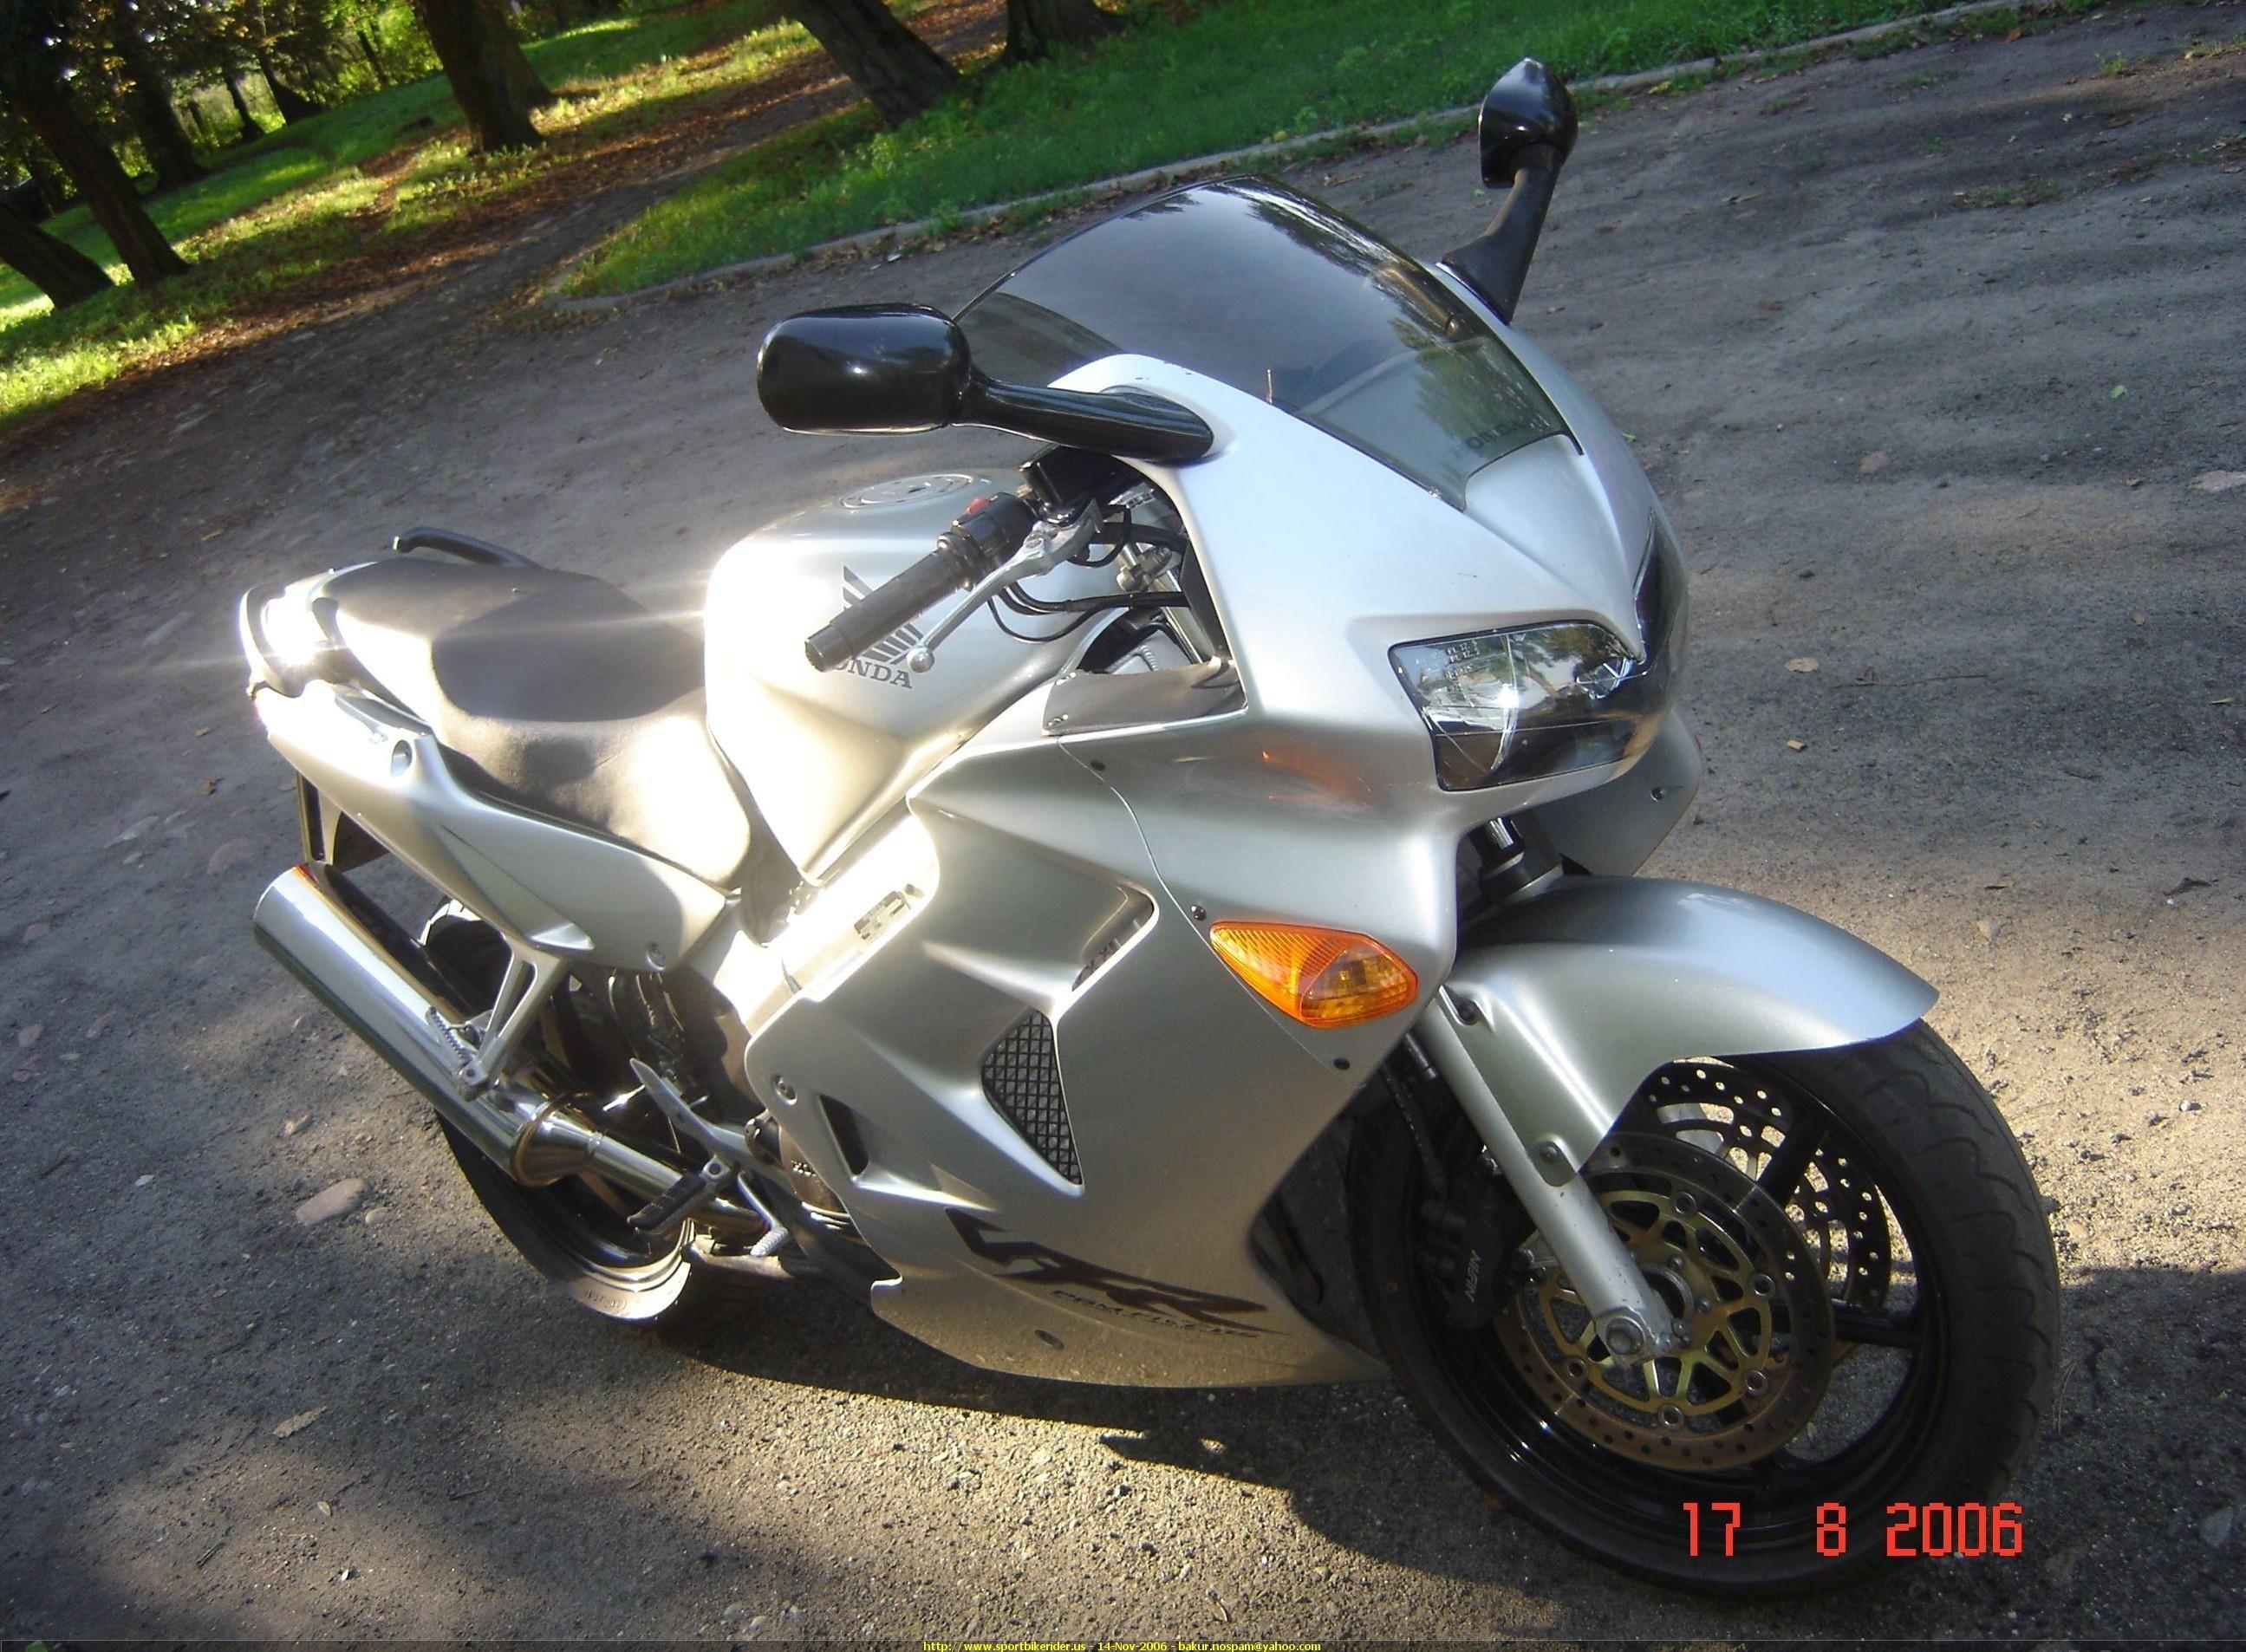 1998 honda vfr 800 honda vfr honda motorcycles honda vtec